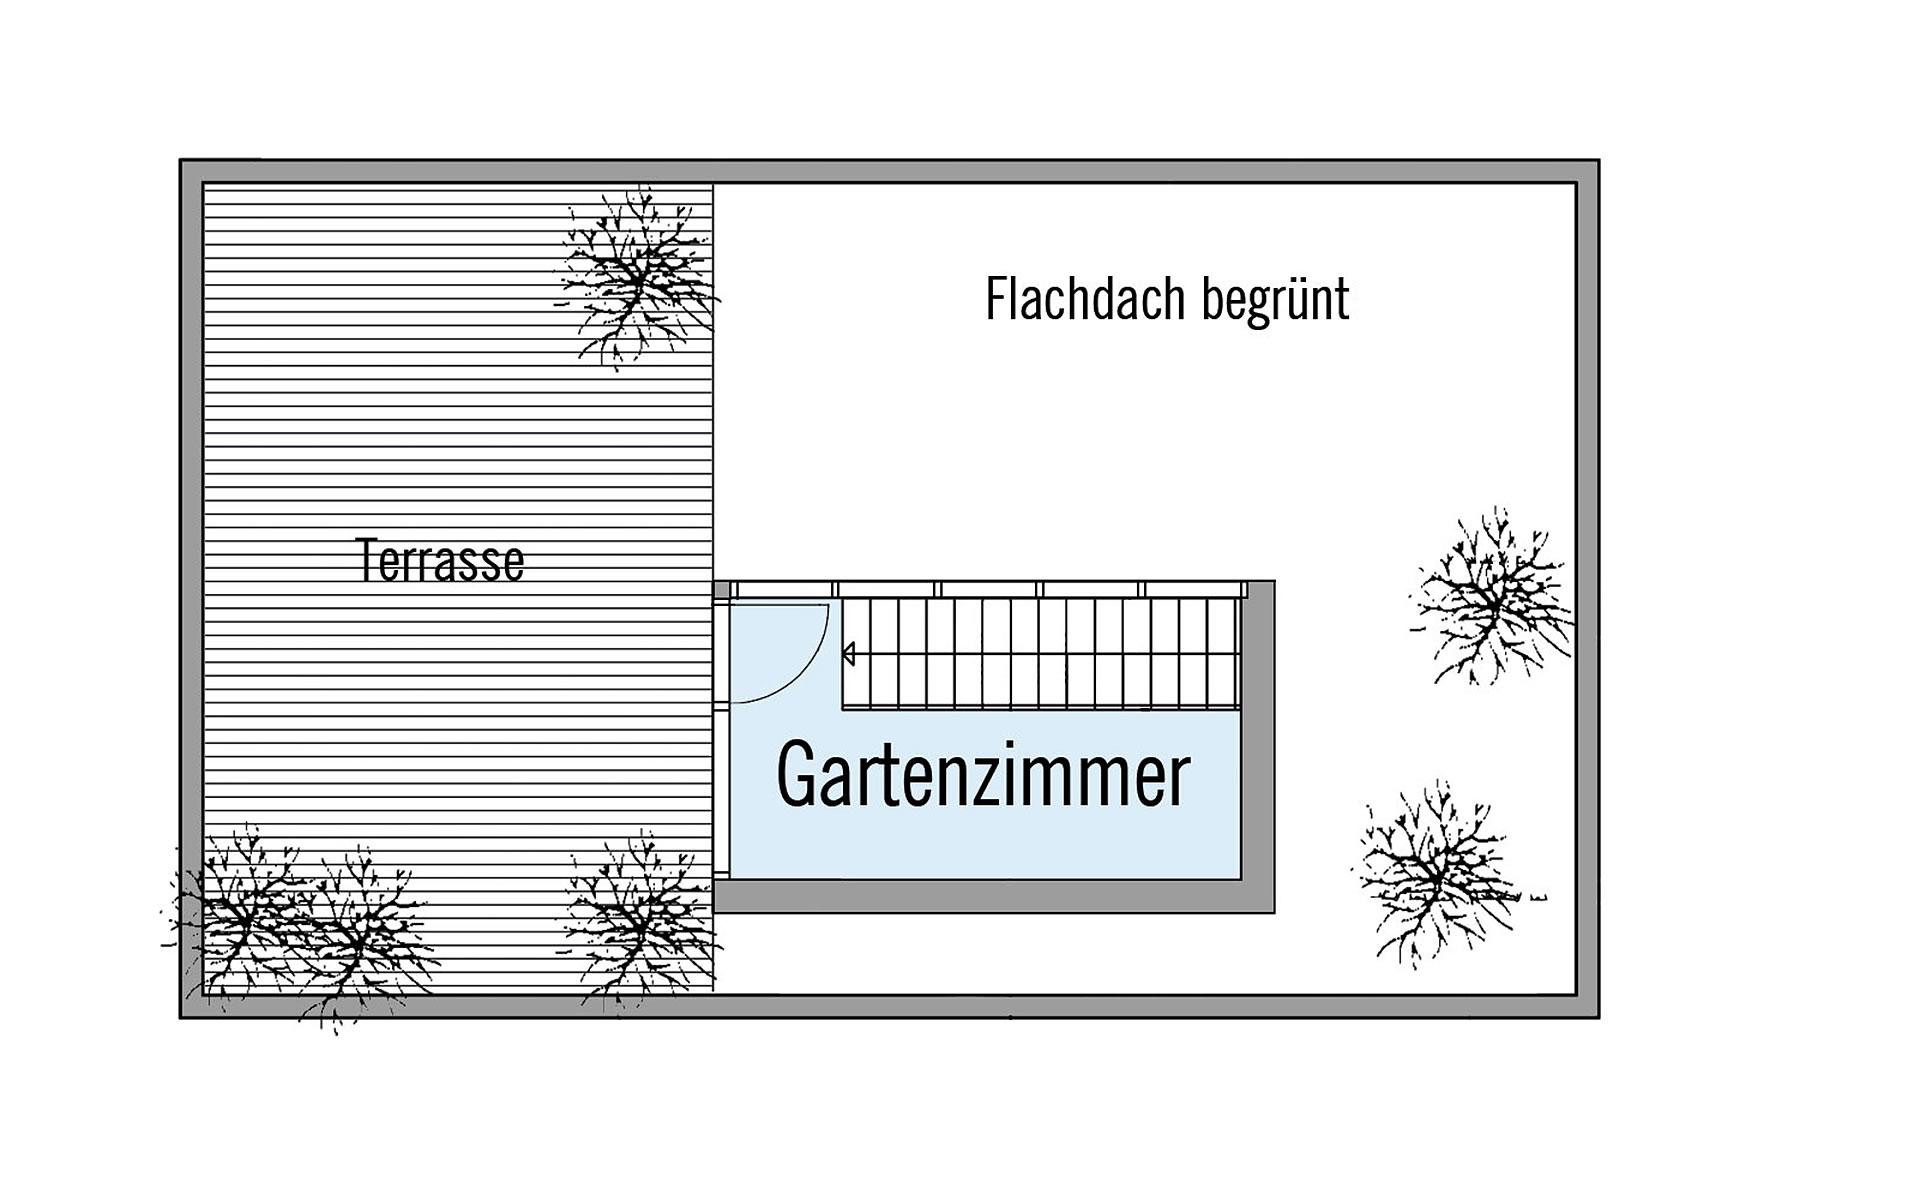 Dachgeschoss Wiesenhütter von Bau-Fritz GmbH & Co. KG, seit 1896